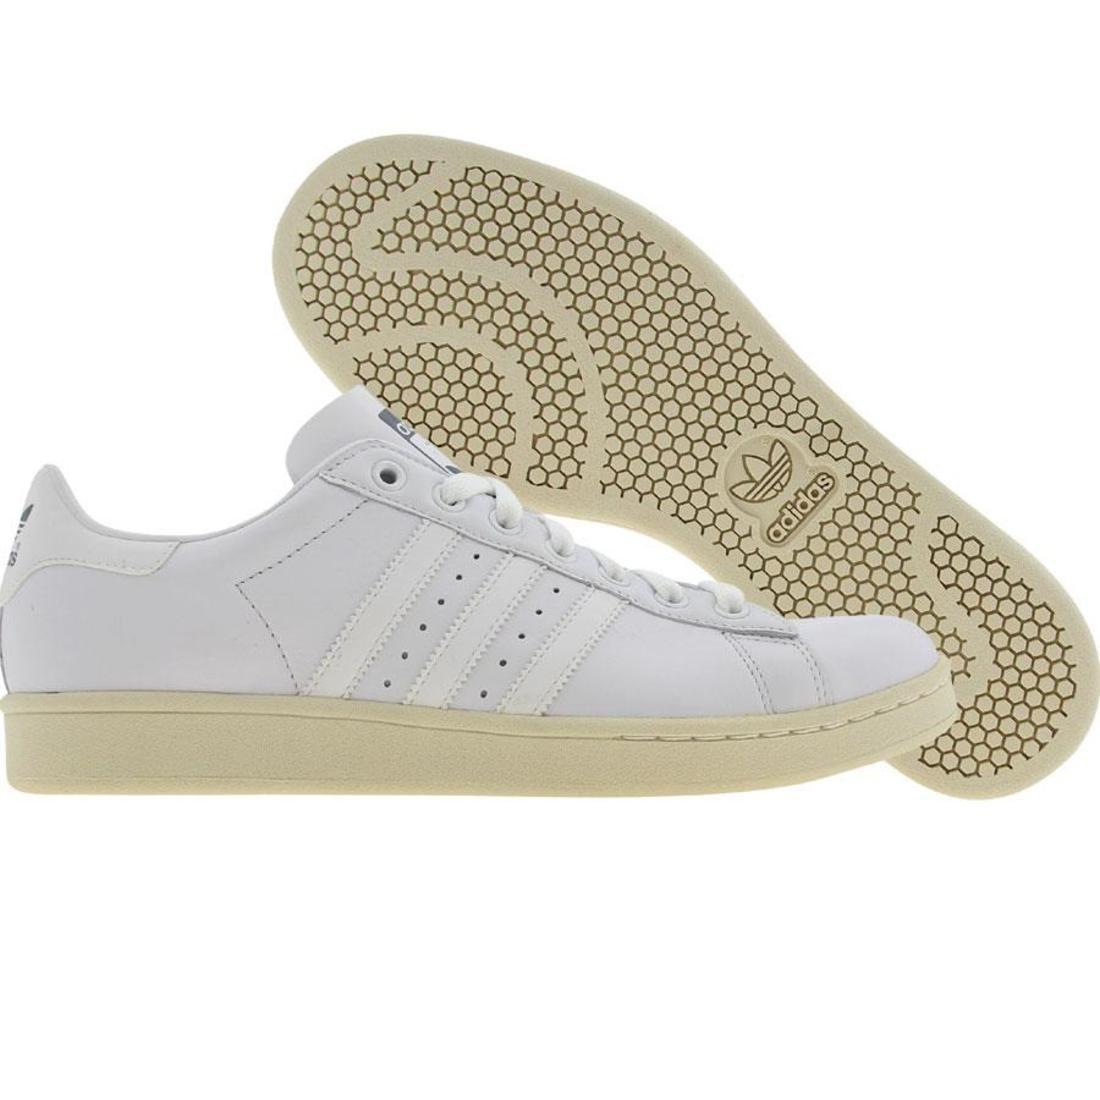 【海外限定】アディダス スニーカー メンズ靴 【 ADIDAS BORA WHITE MLEAD 】